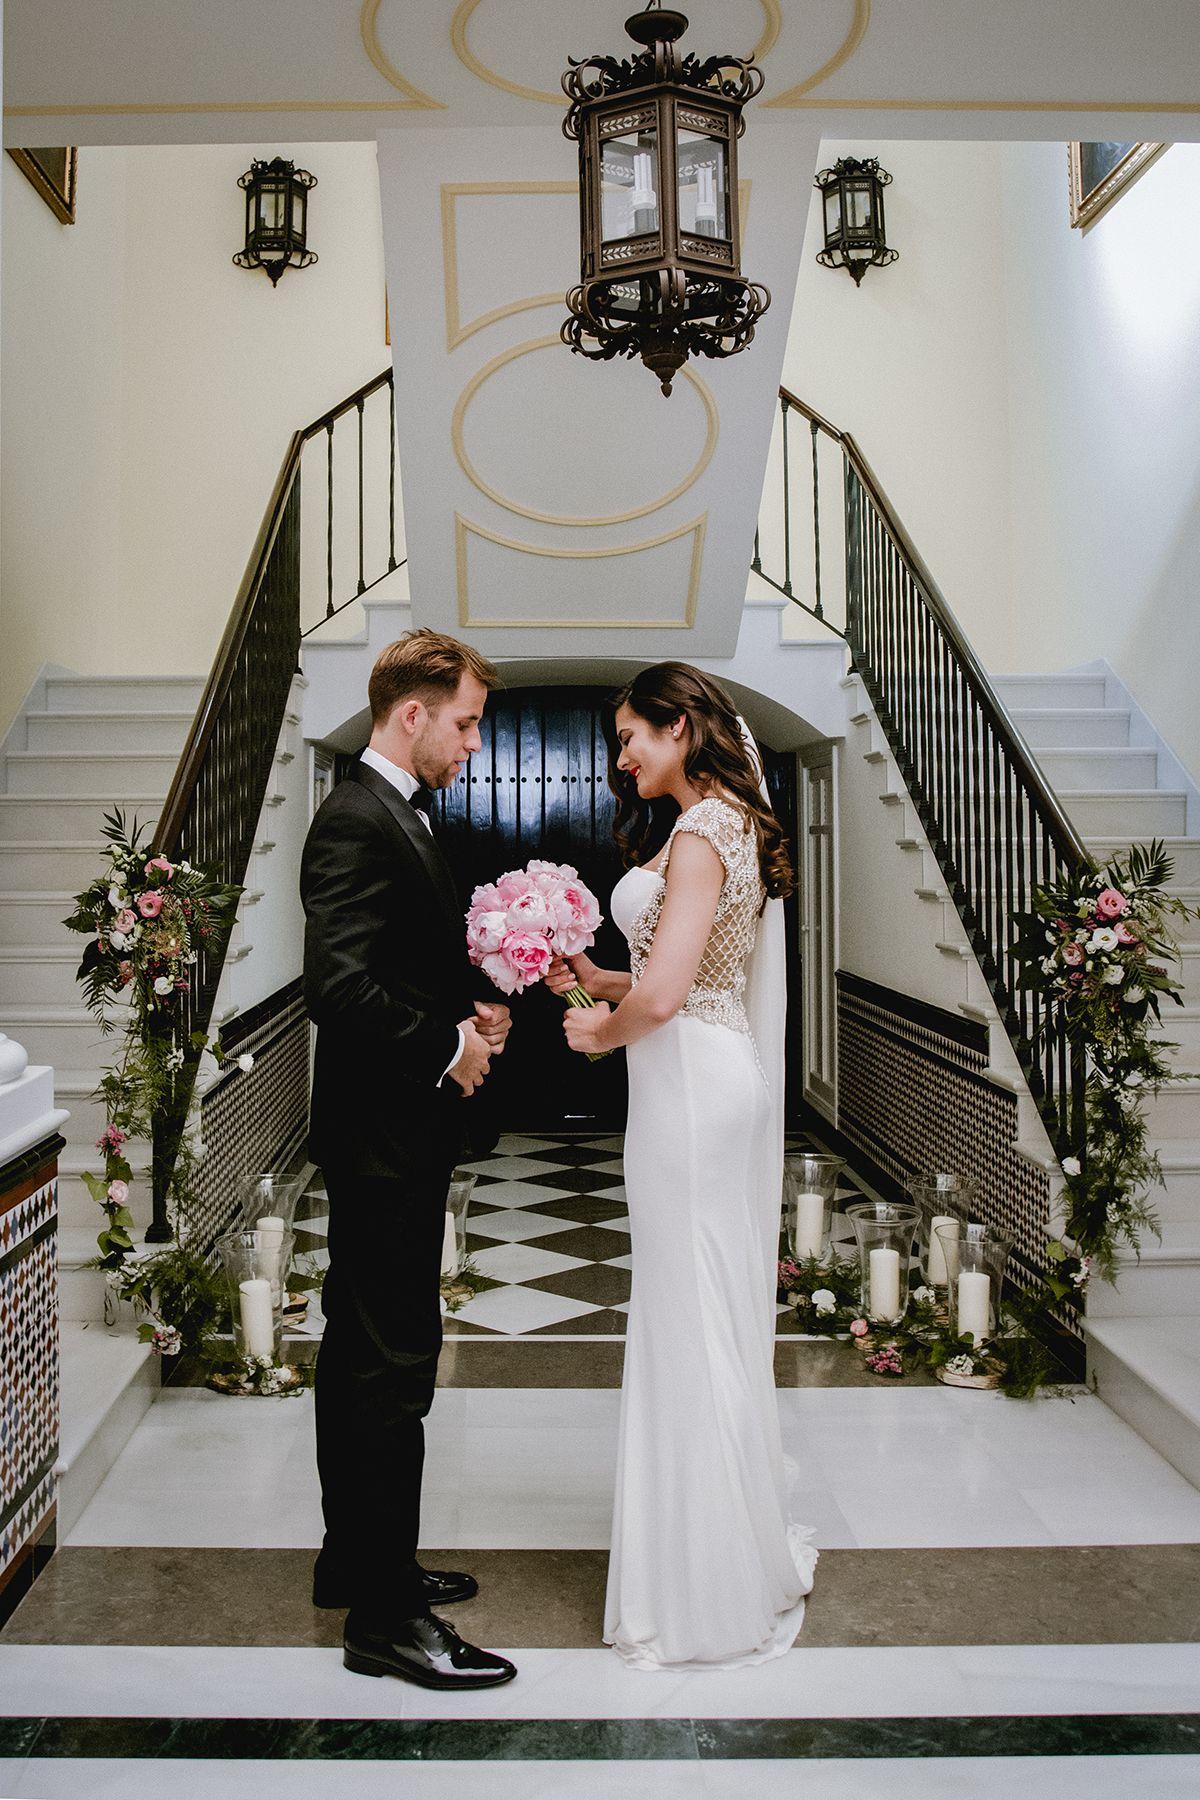 La boda de Inma Ruiz y Miguel Ángel Cordero en Jerez 5